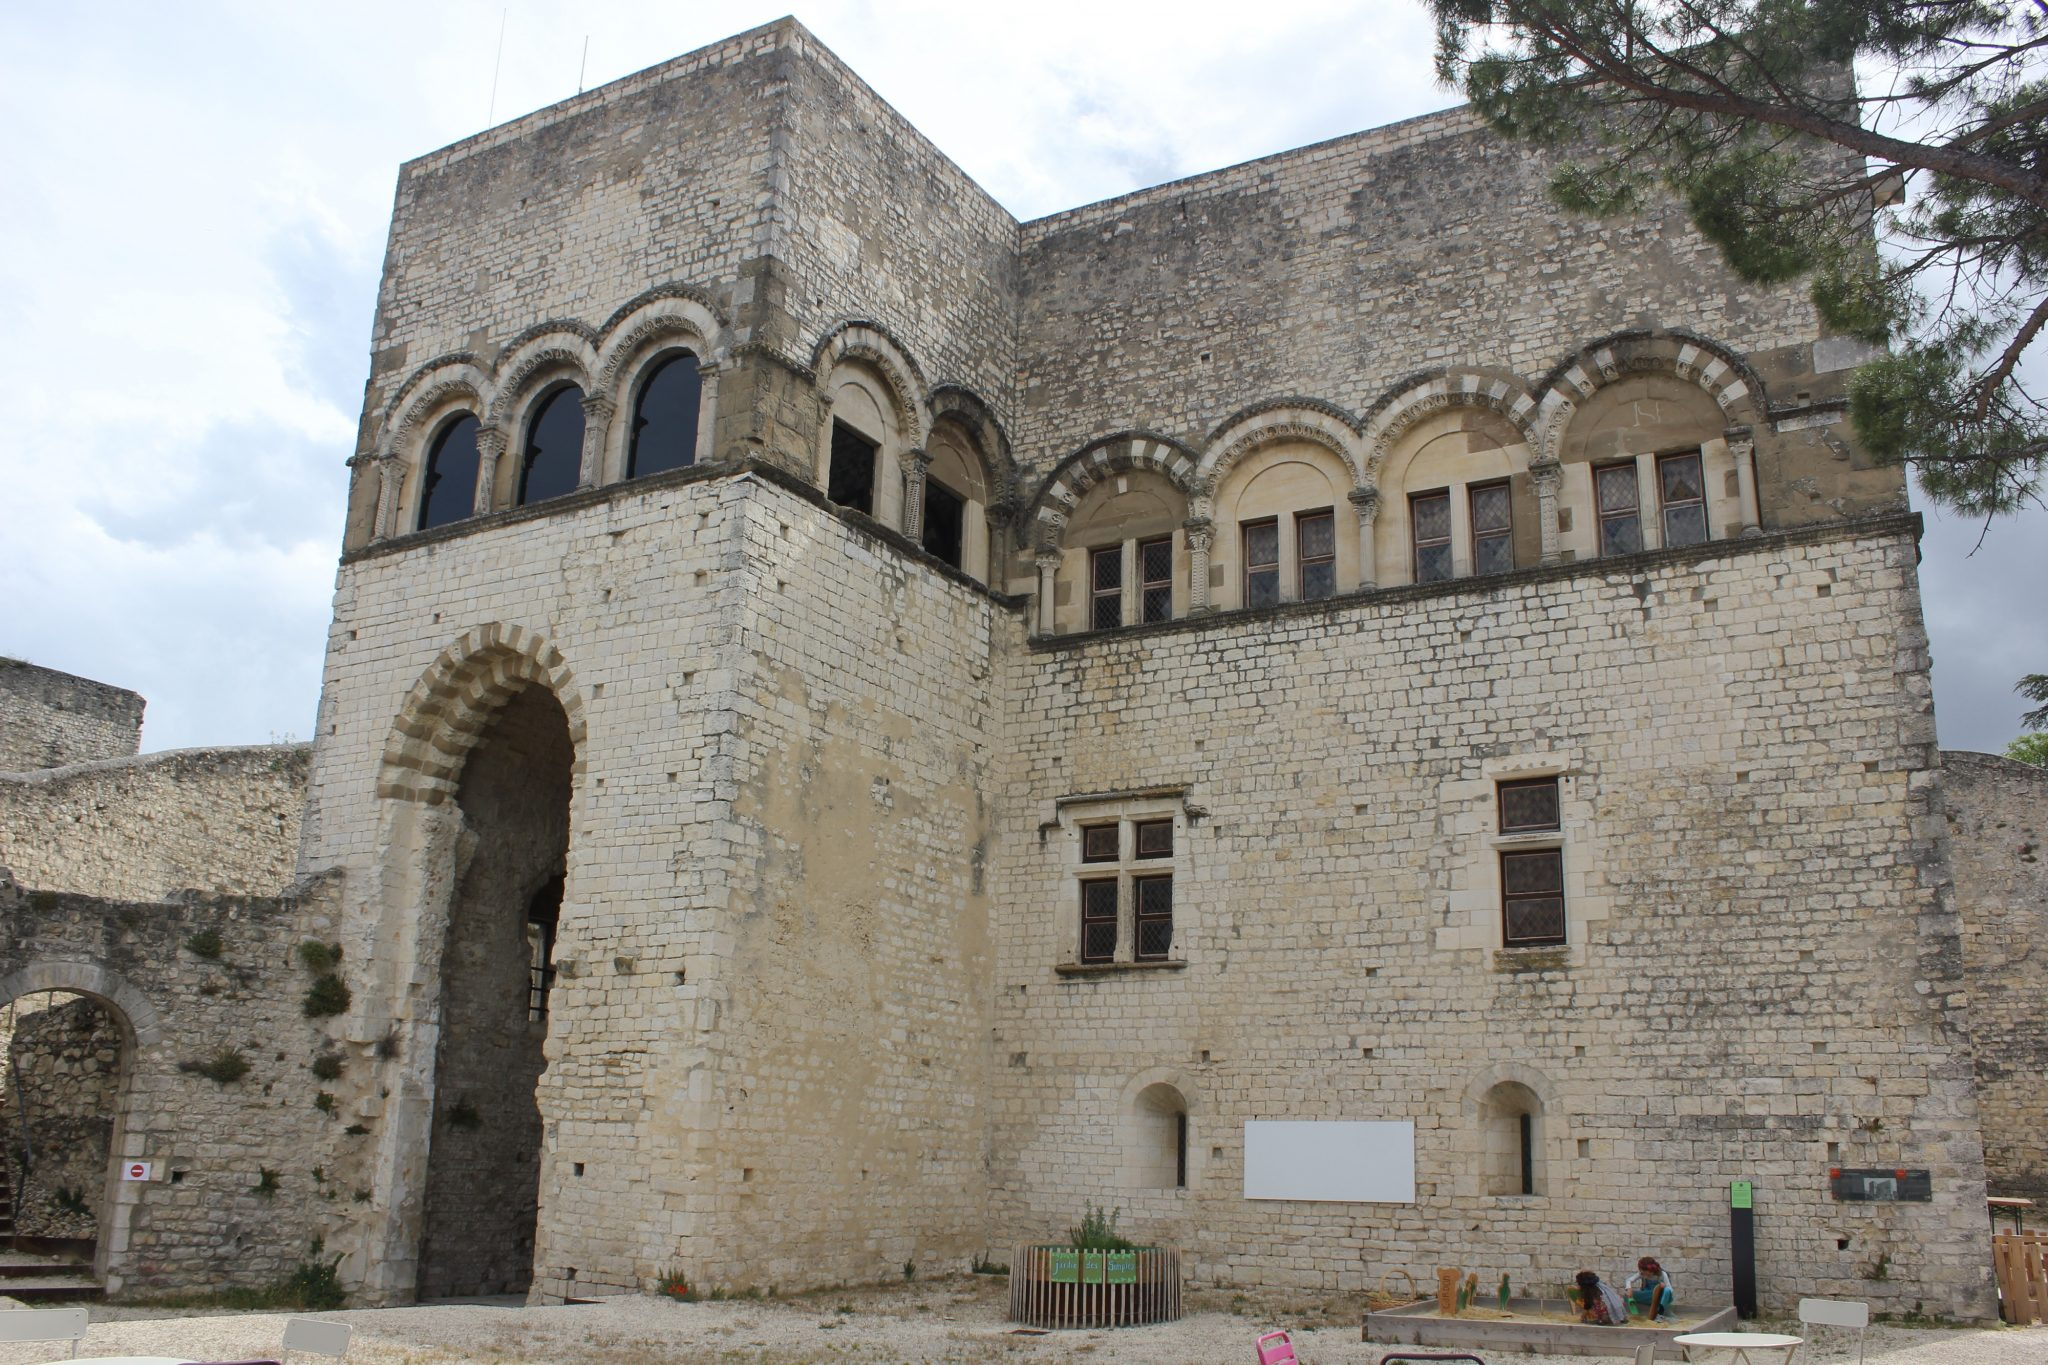 Qui vivait dans un château au Moyen-Âge ?